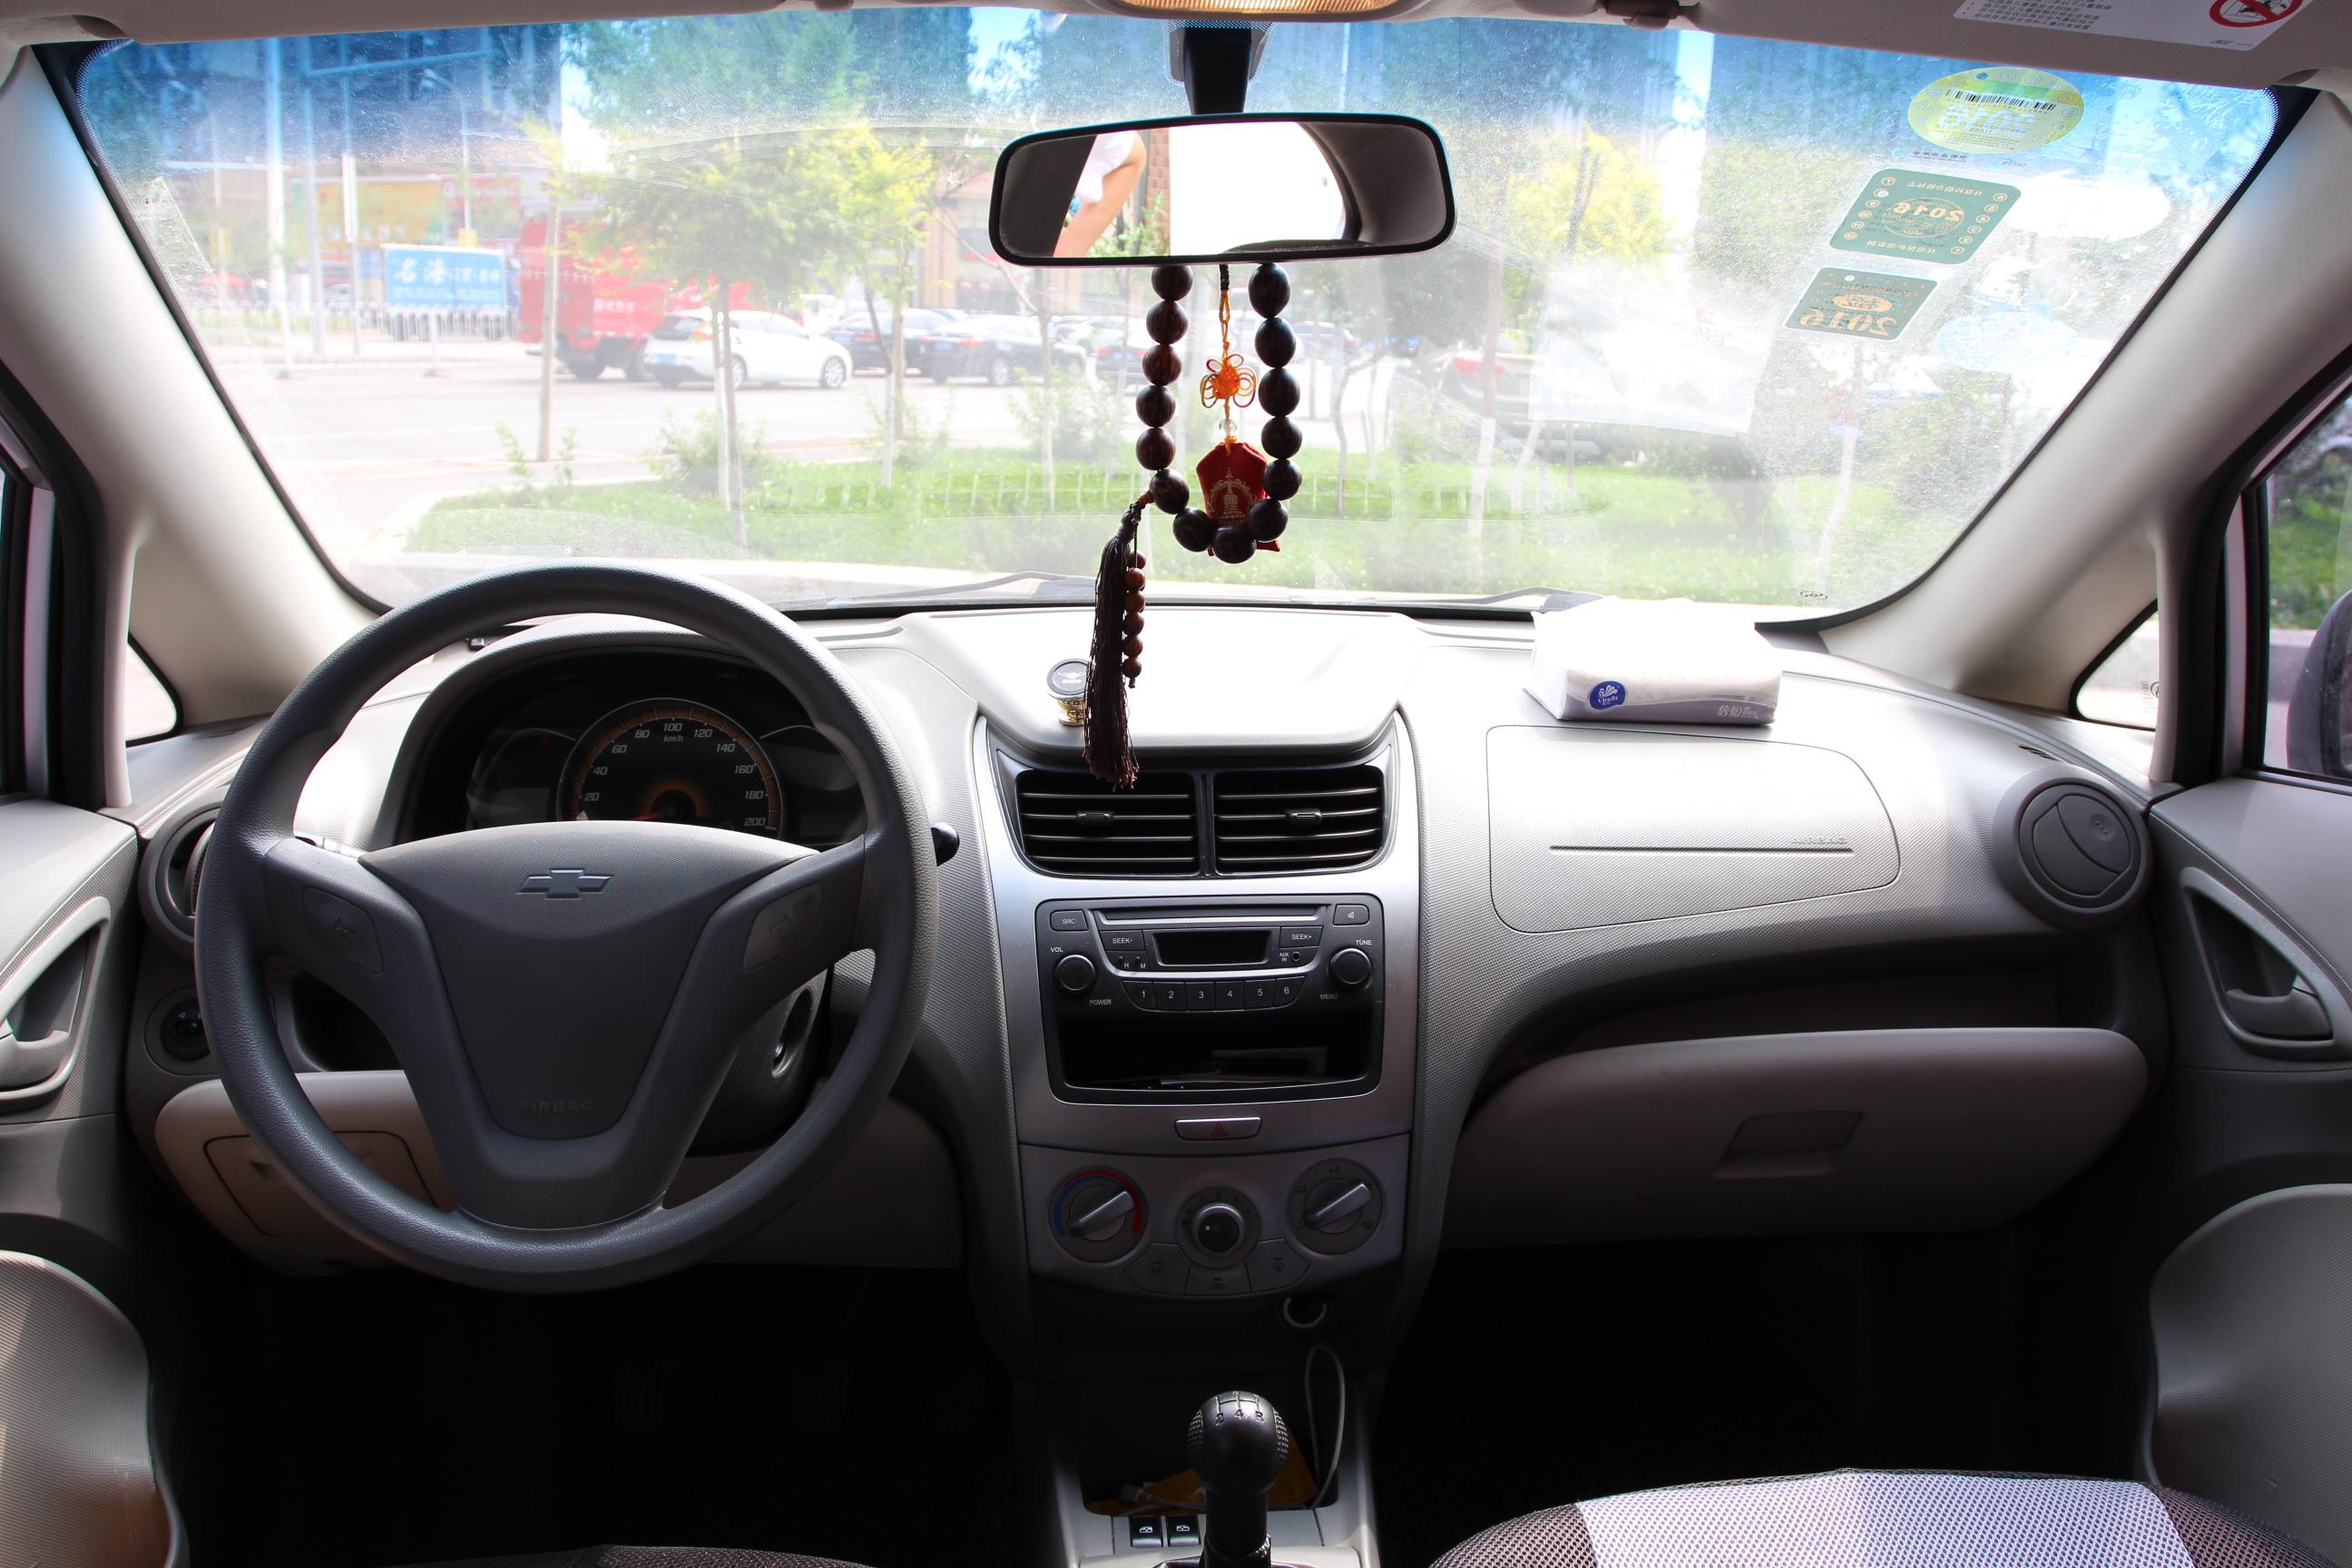 雪佛兰-赛欧 2010款 三厢 1.2l 手动温馨版